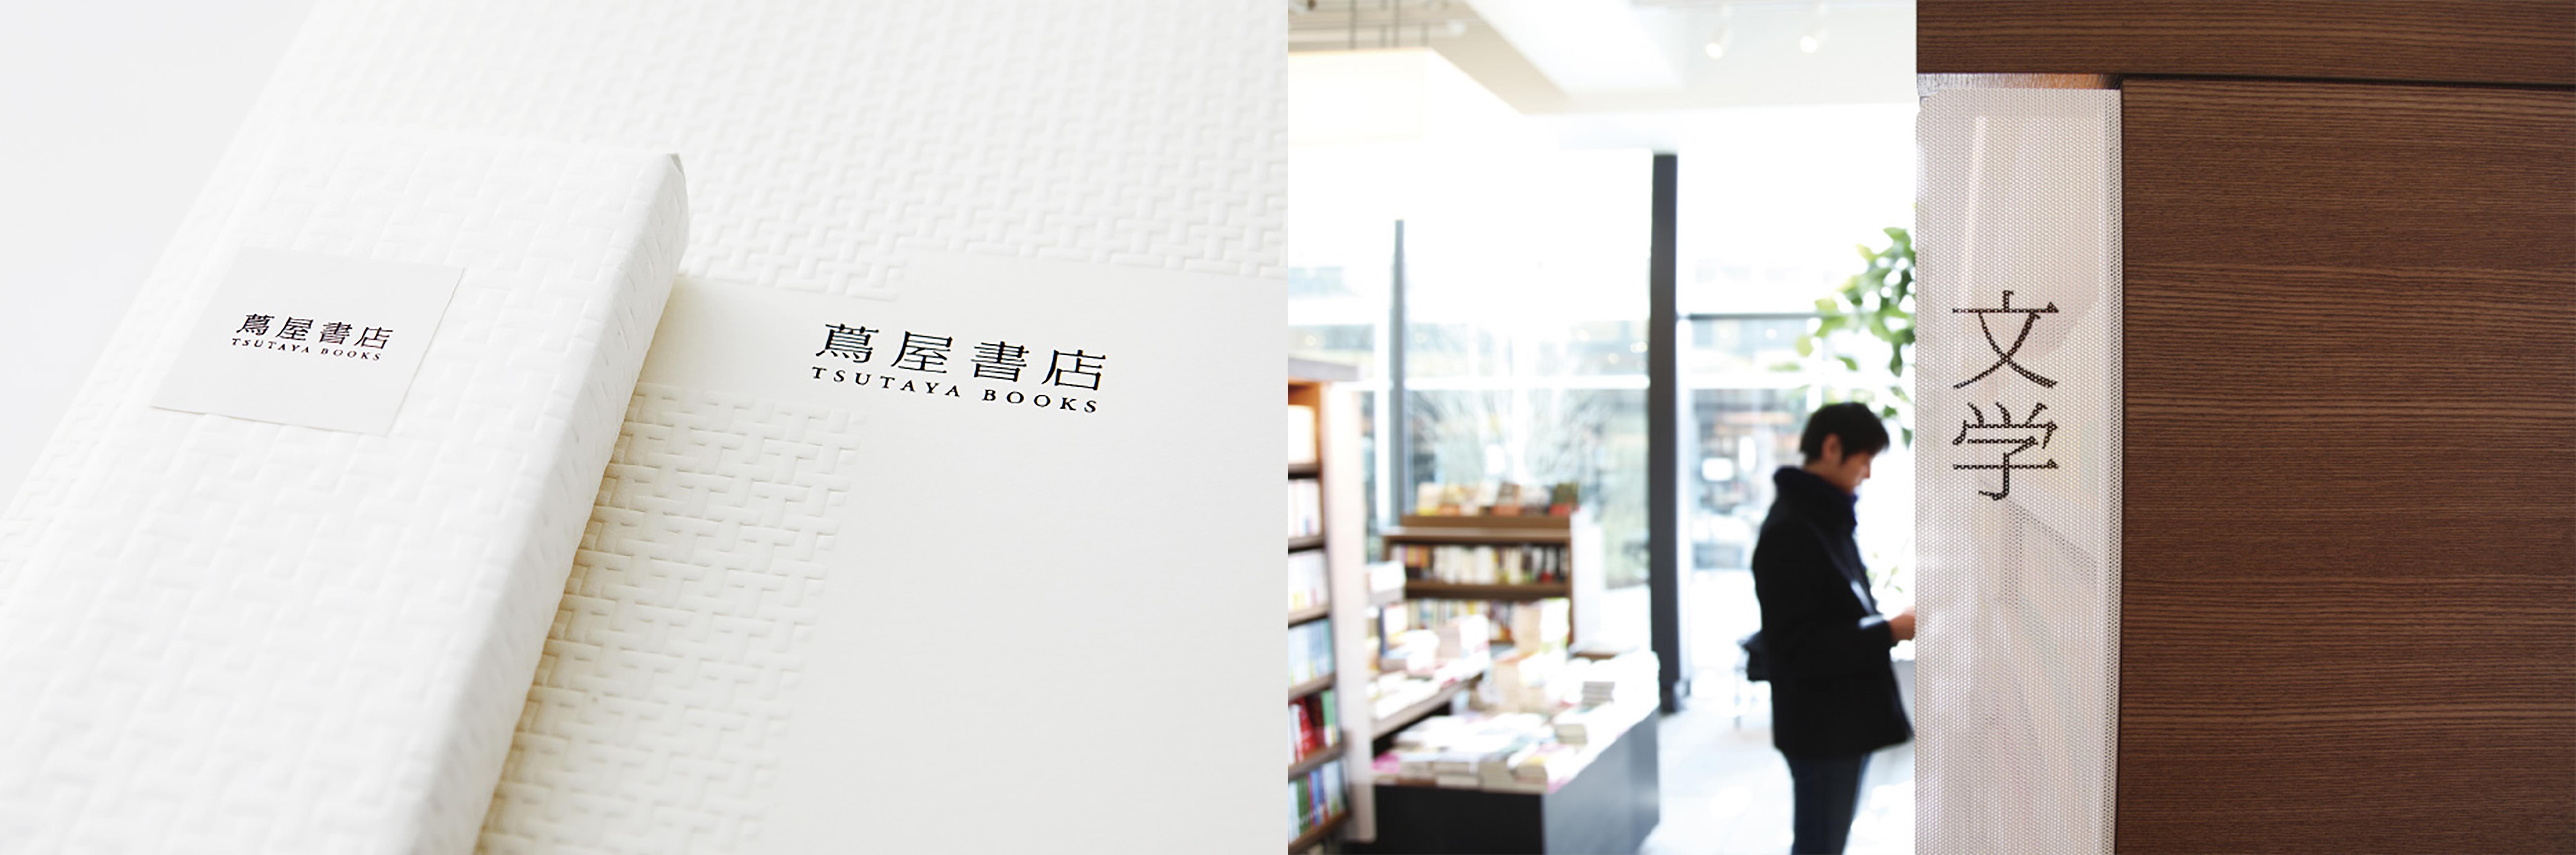 蔦屋書店品牌設計(Hara Design Institute)